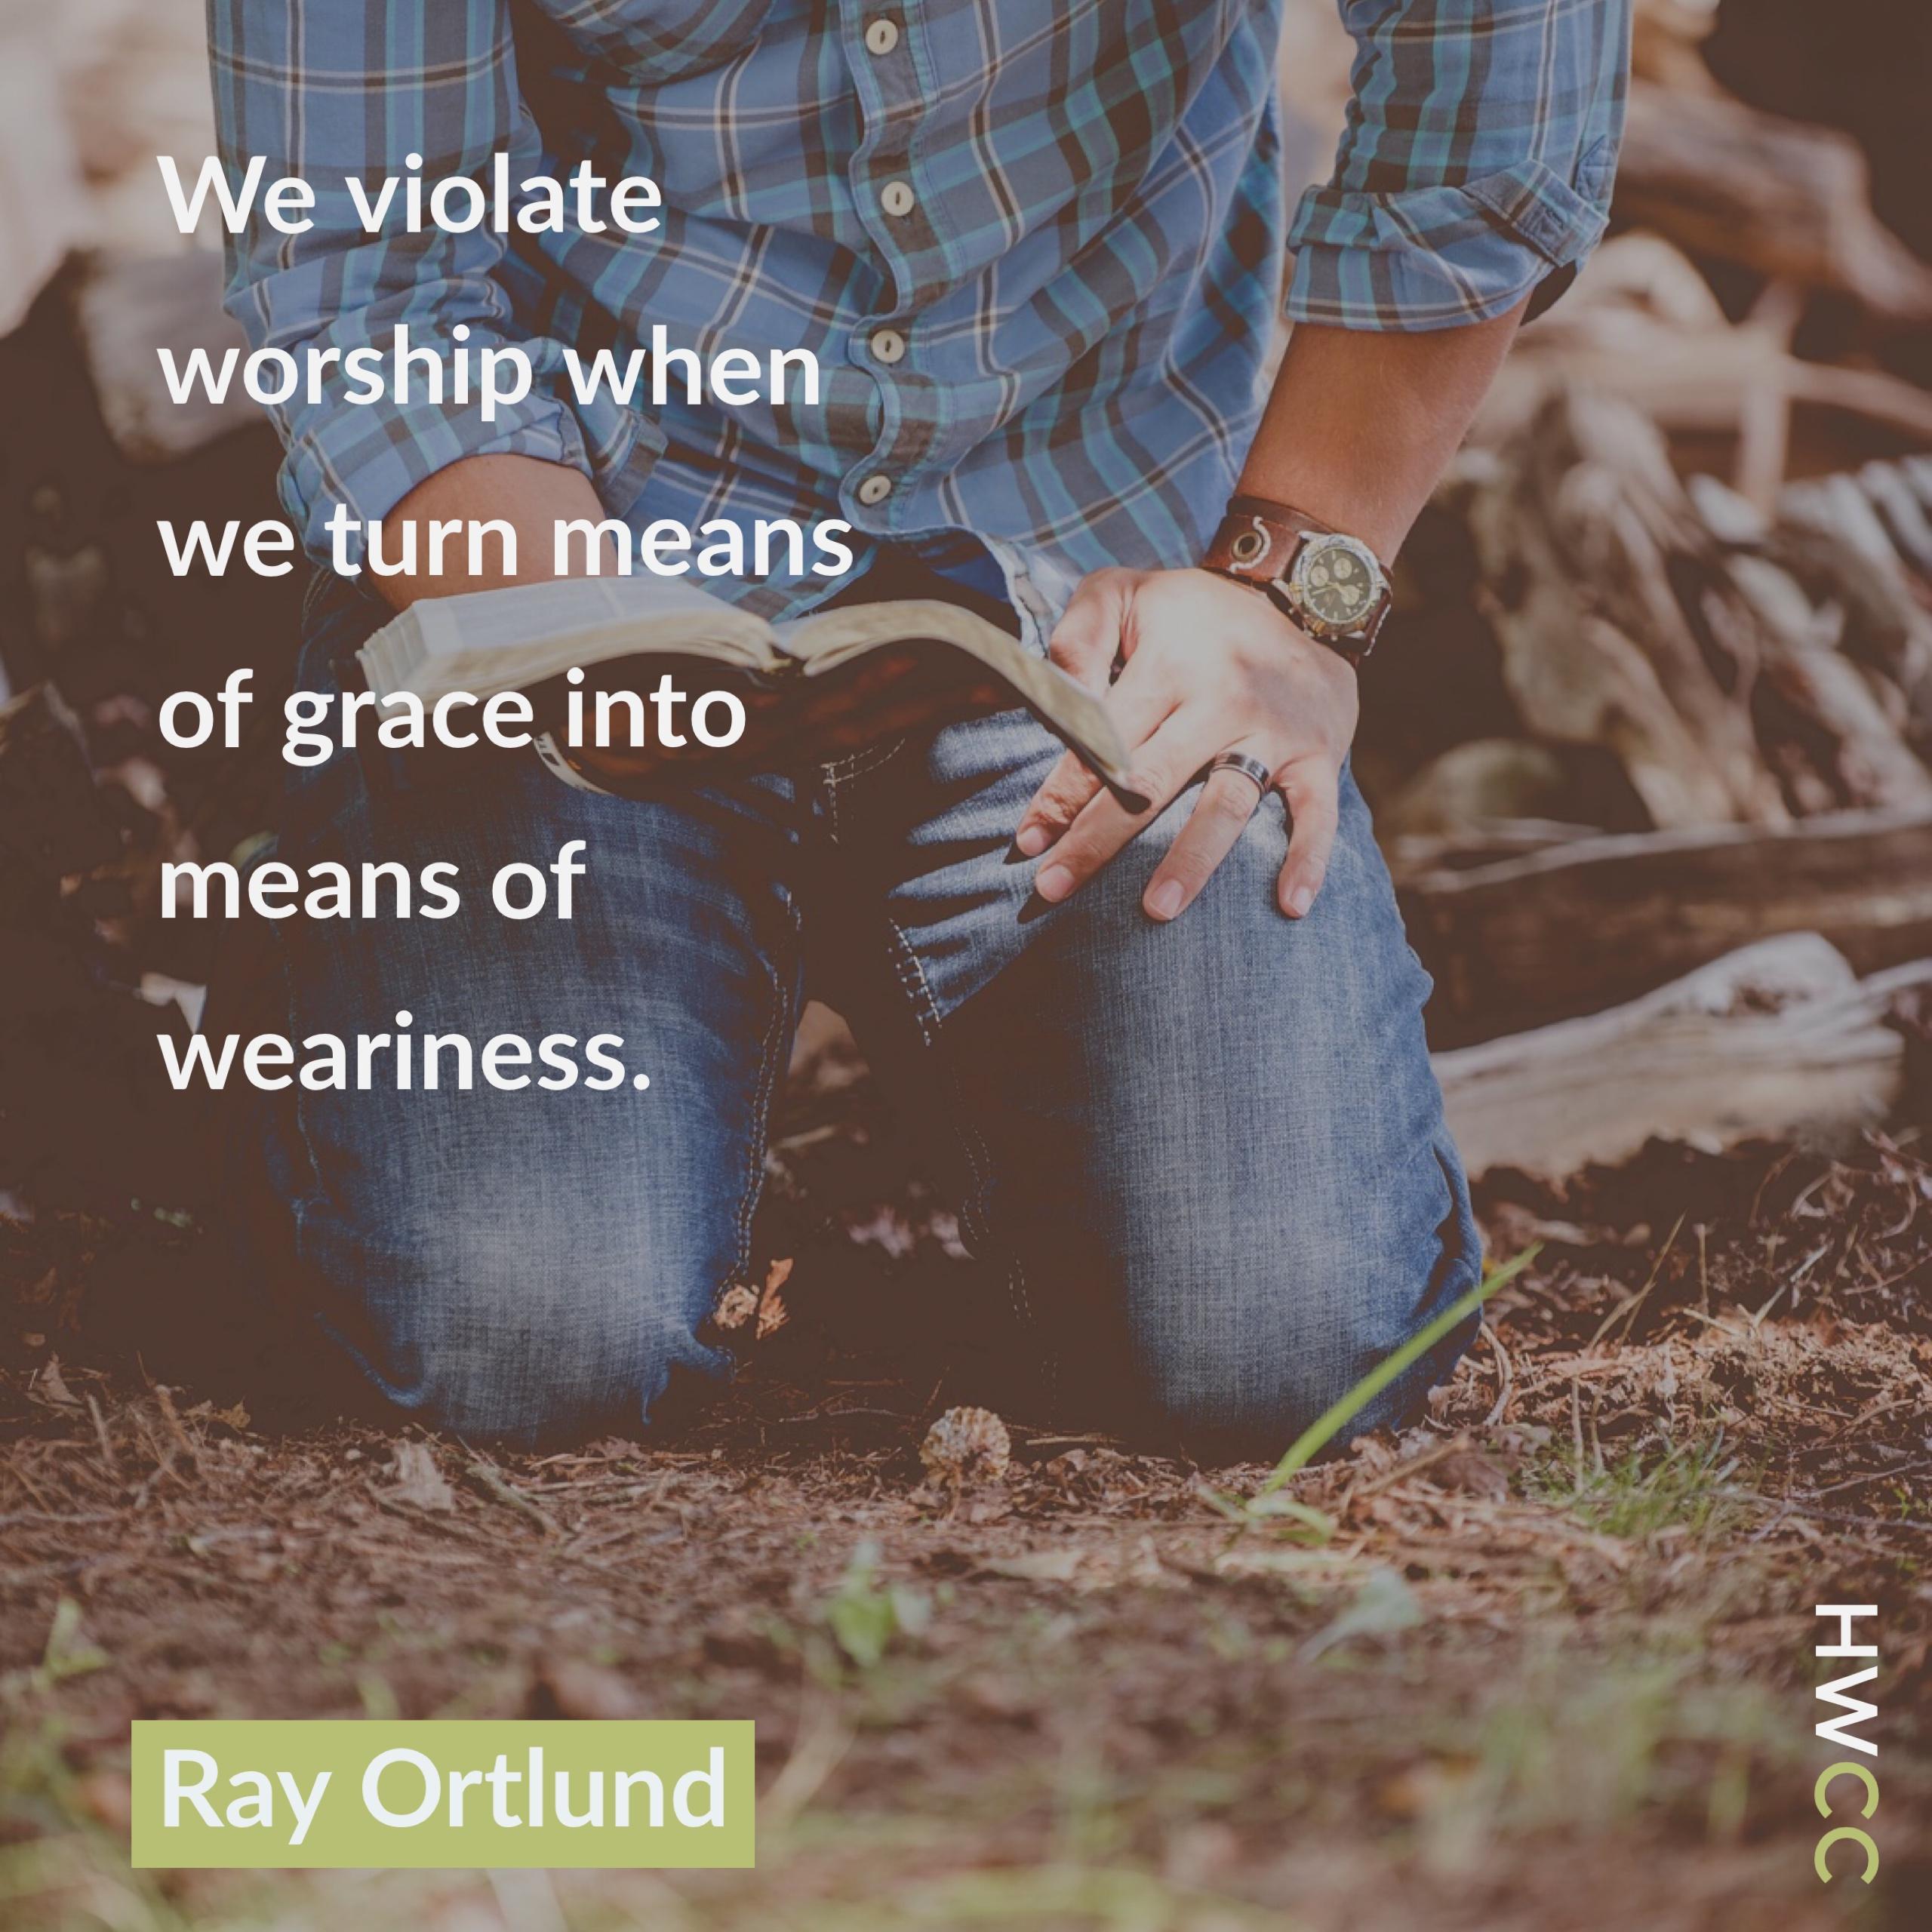 Violating Worship